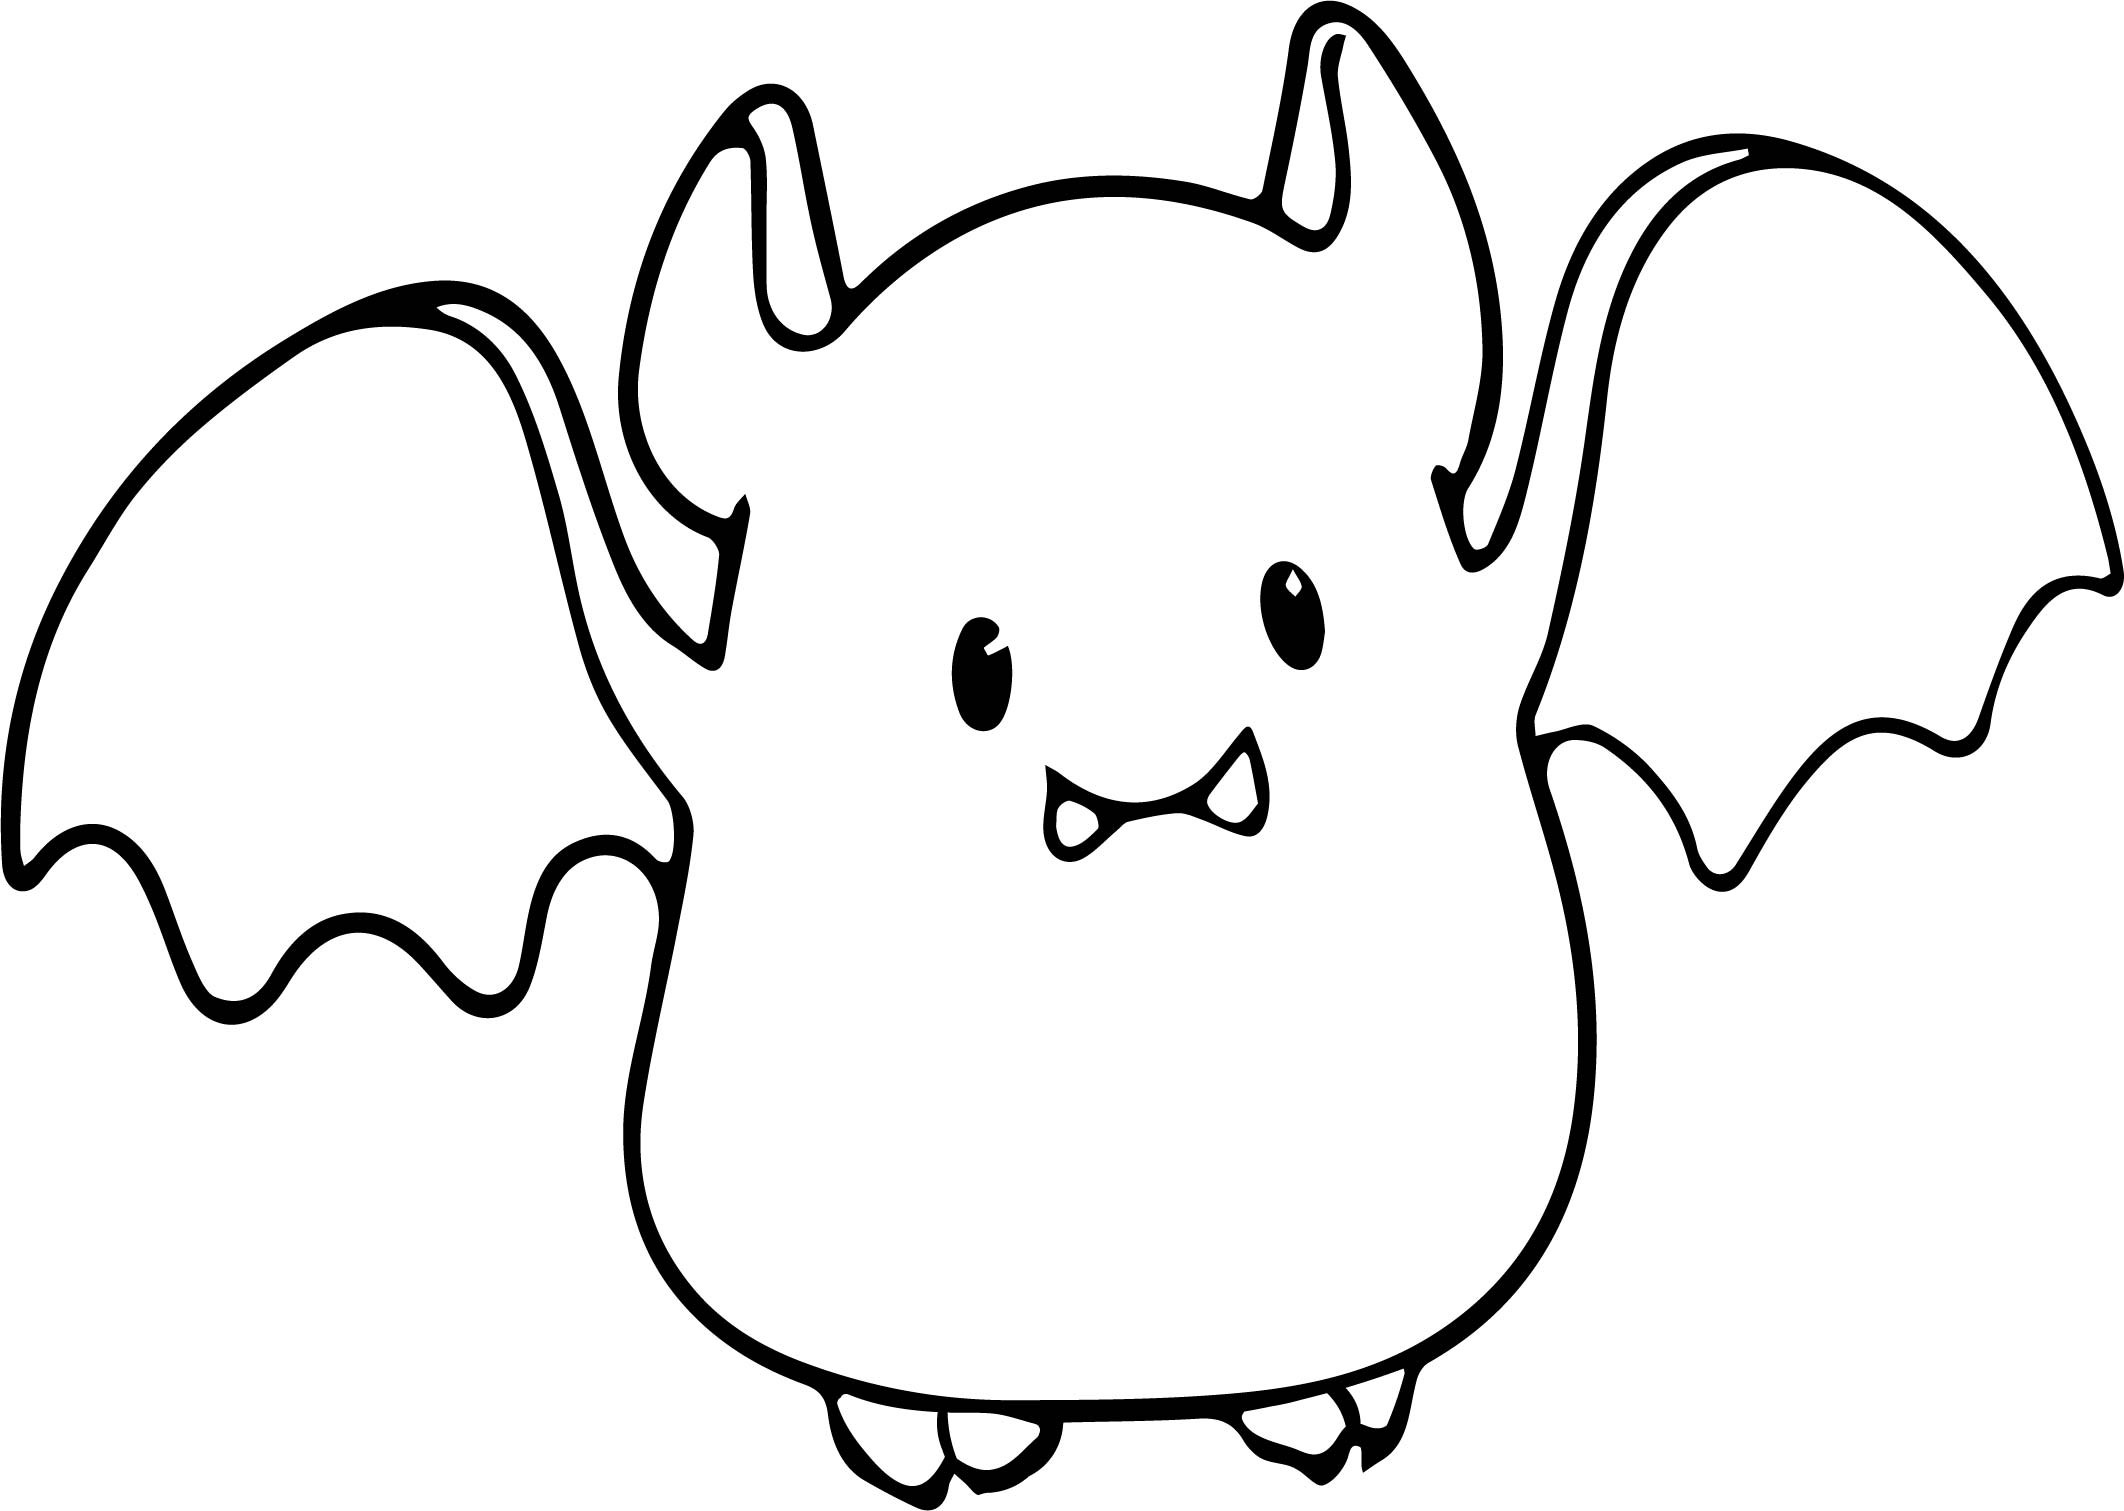 Fruit Bat Drawing At Getdrawings